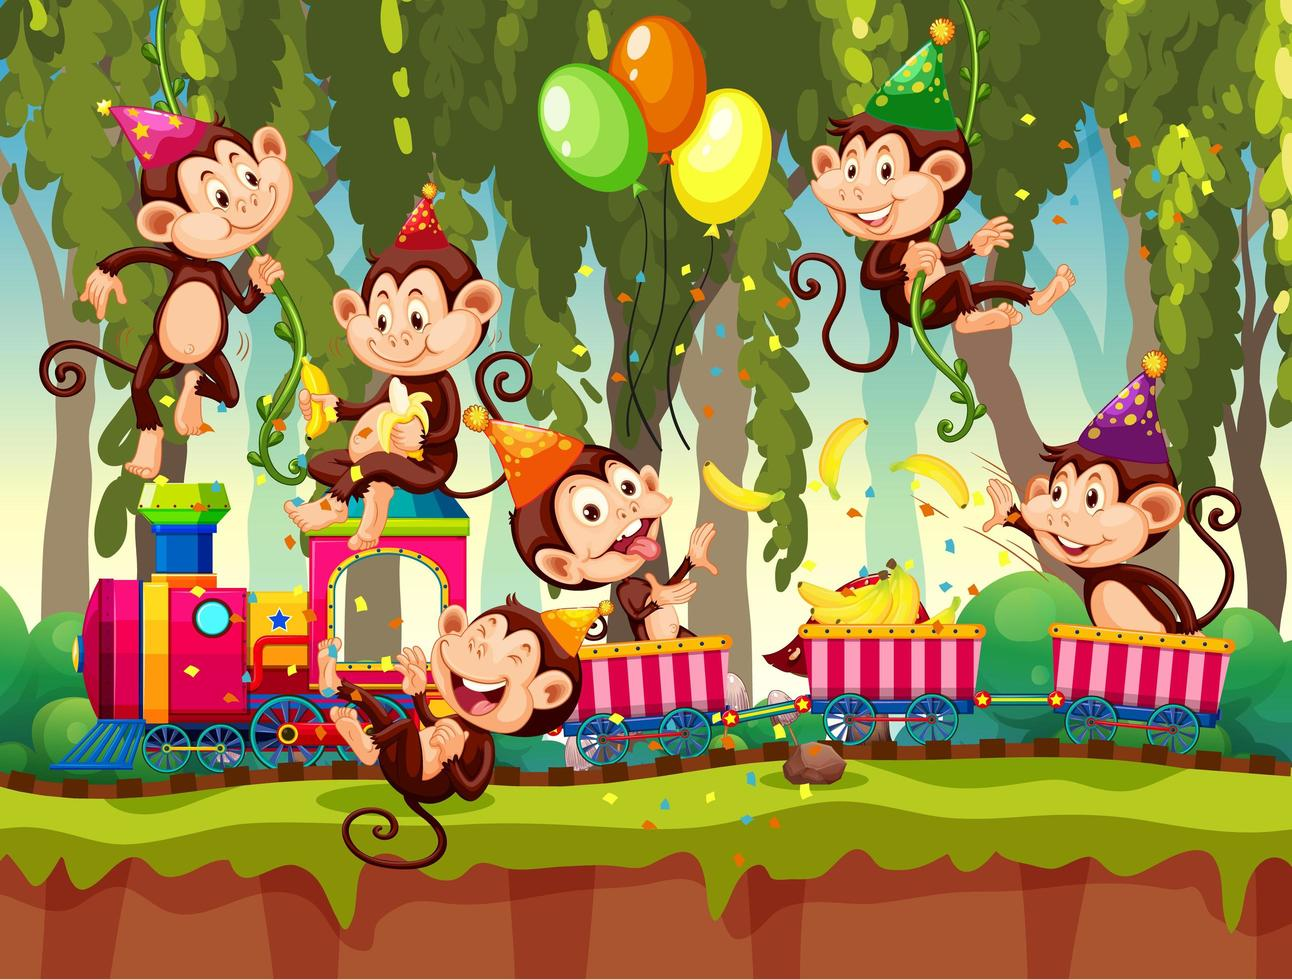 beaucoup de singes dans le thème de la fête en fond de forêt nature vecteur